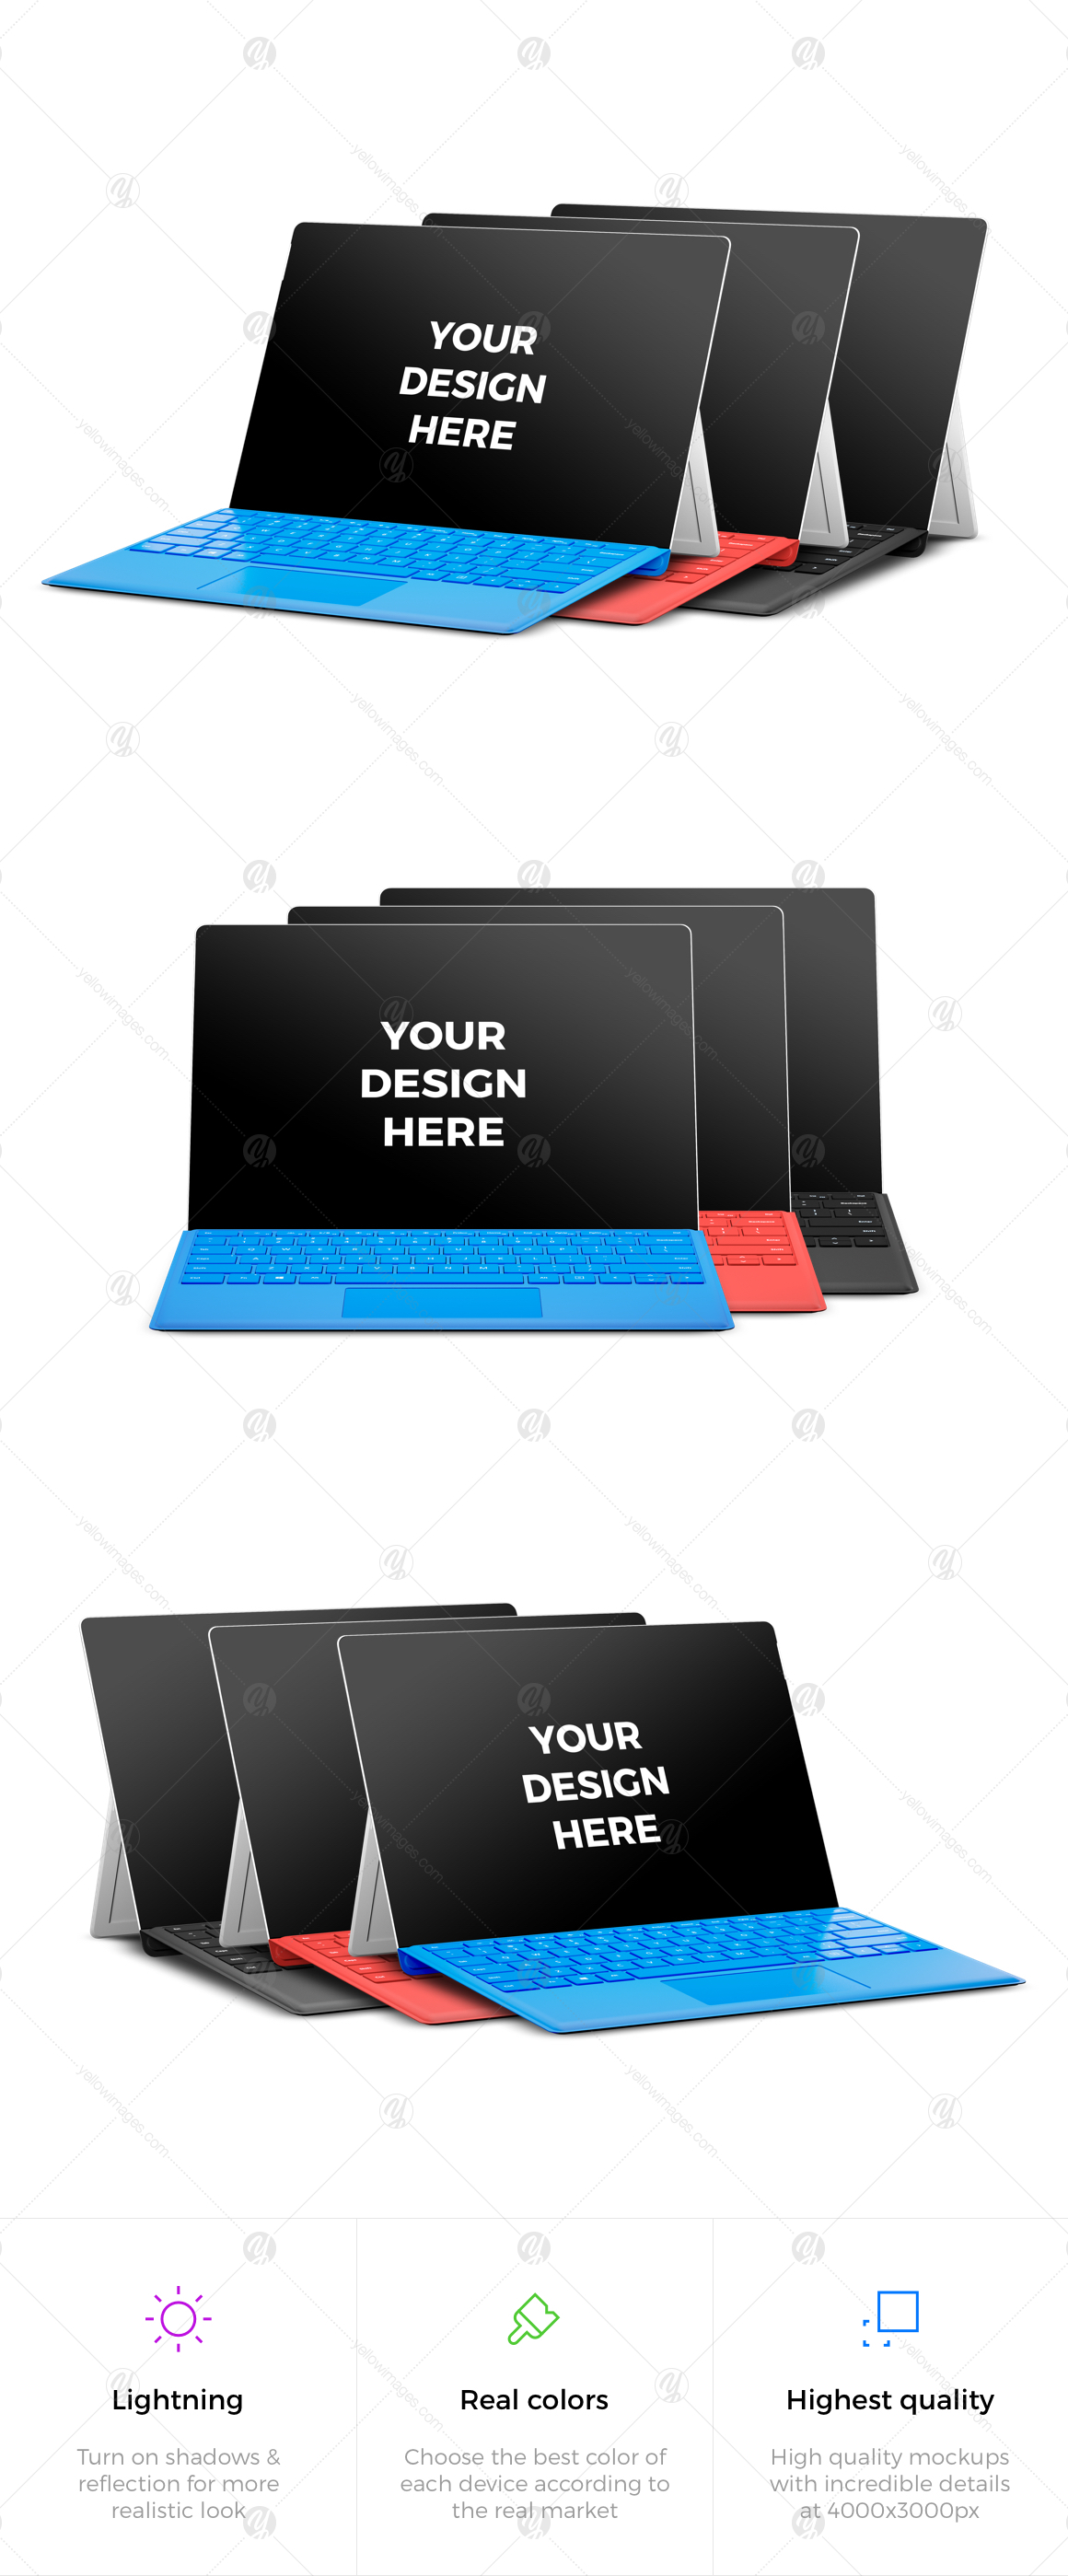 9x Microsoft Surface Pro 4 Mockups